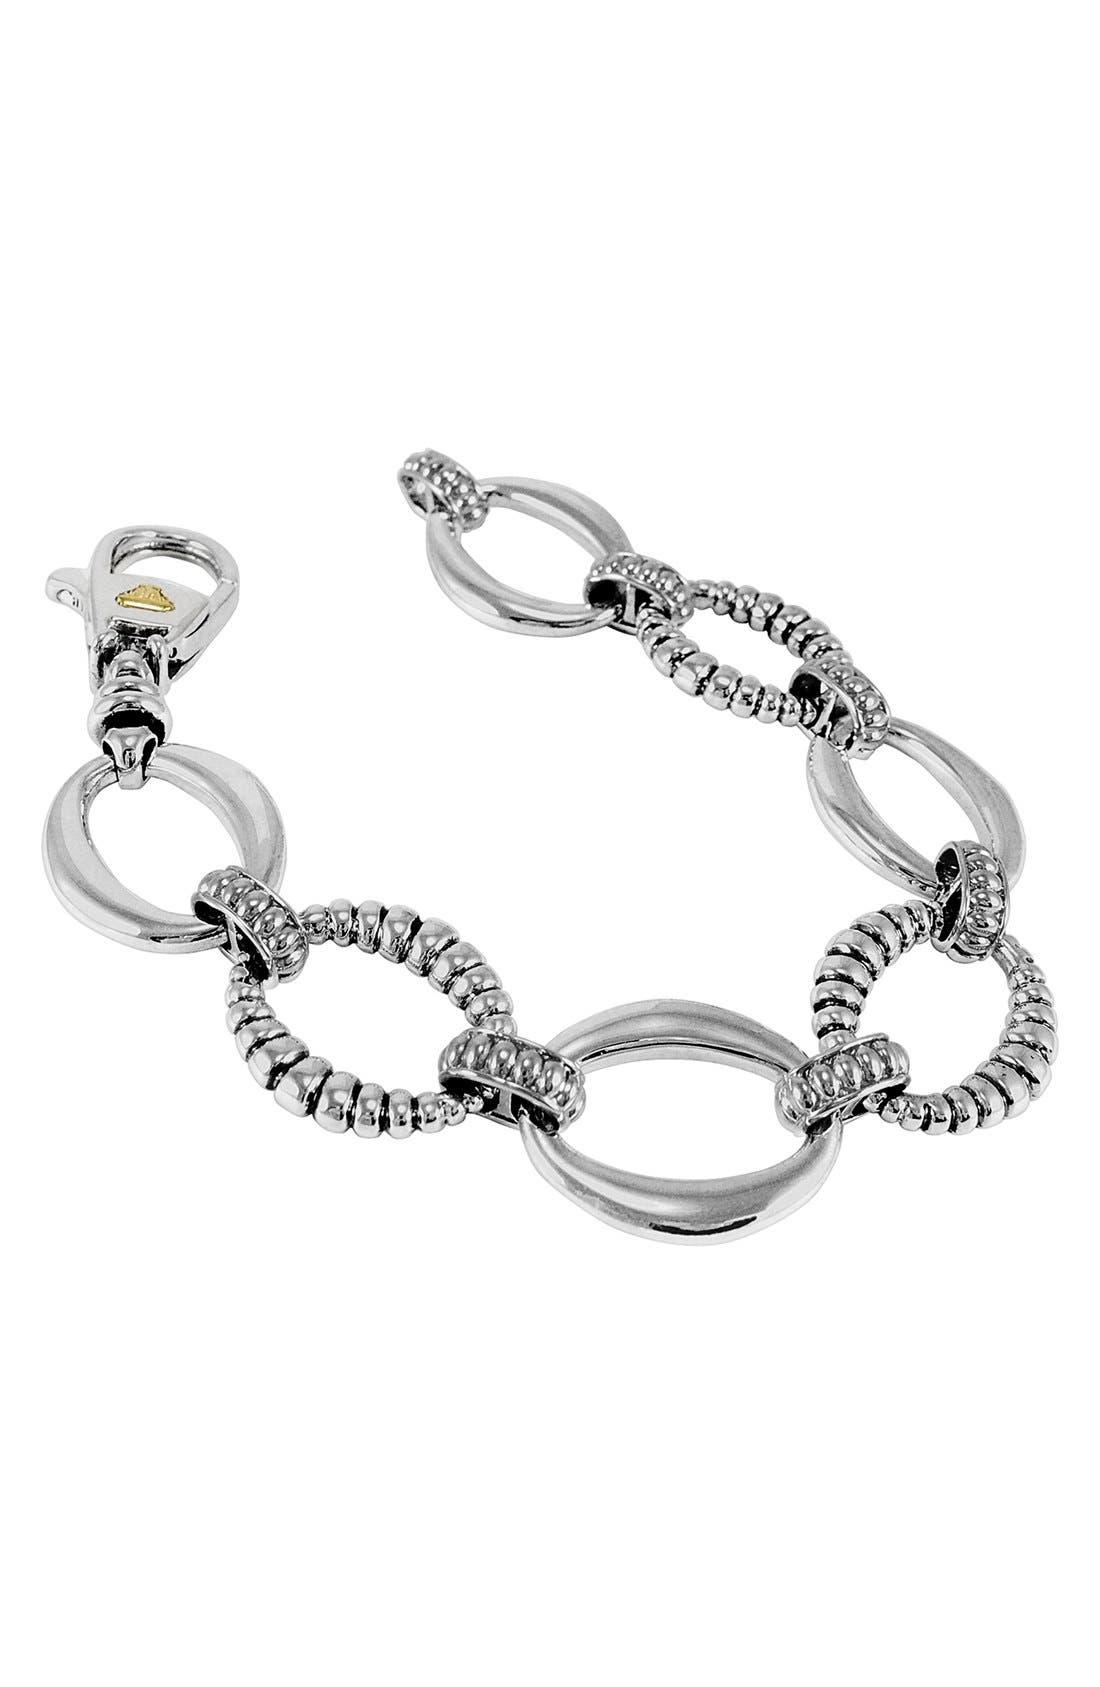 Main Image - LAGOS 'Link' Sterling Silver Oval Link Bracelet